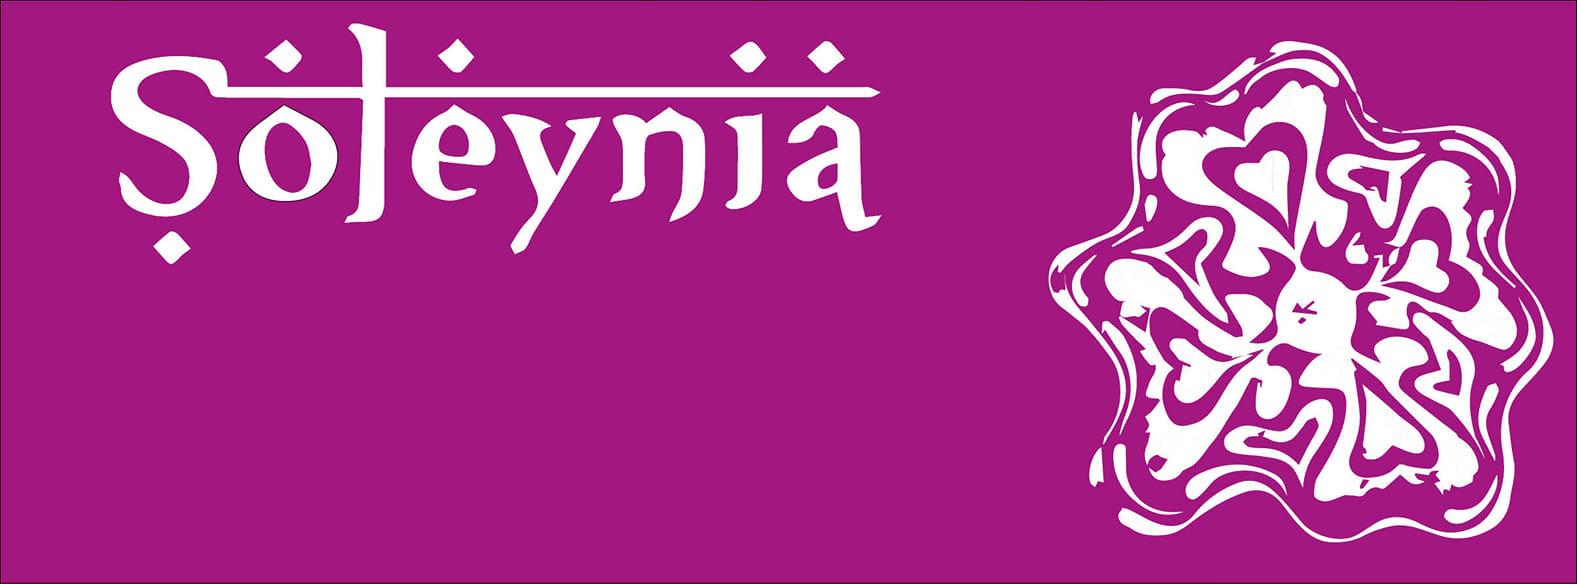 Soleynia